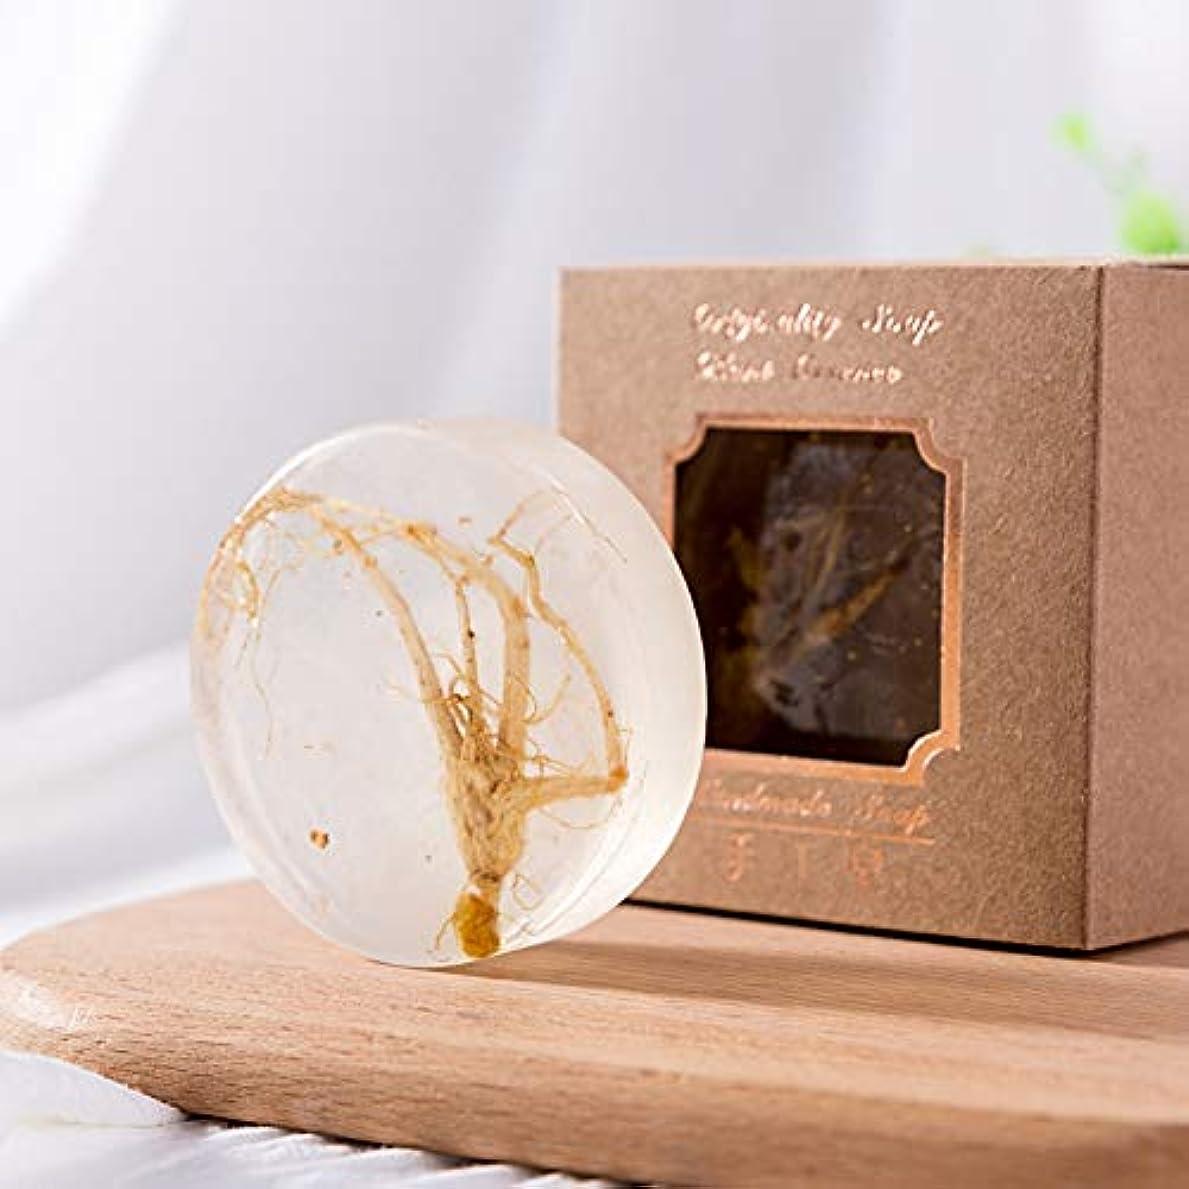 幻想挽く結婚高麗人参の金箔のエッセンシャルオイルの石鹸の収縮の気孔の深い清潔になるハンドメイドの顔の石鹸